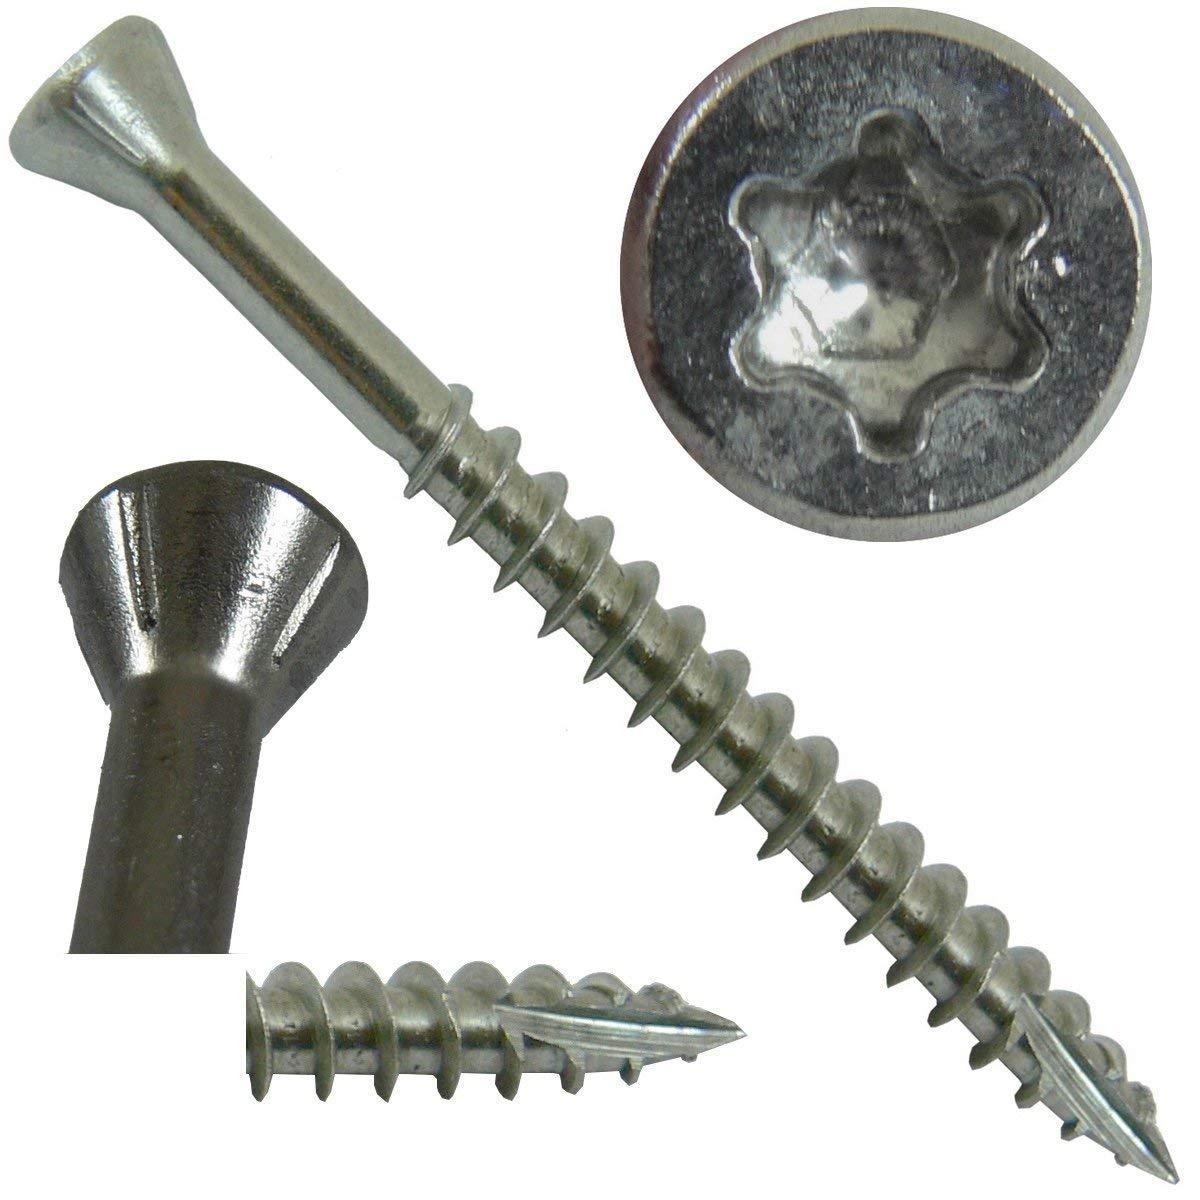 """#9 x 1-5/8"""" Silver Star Stainless Steel TRIM HEAD Screw Torx/Star Drive Head (5 Pounds) - Stainless Steel TRIM HEAD Wood Screws - 305 Stainless Steel Torx/Star Drive Wood Screws (~870 Screws)"""